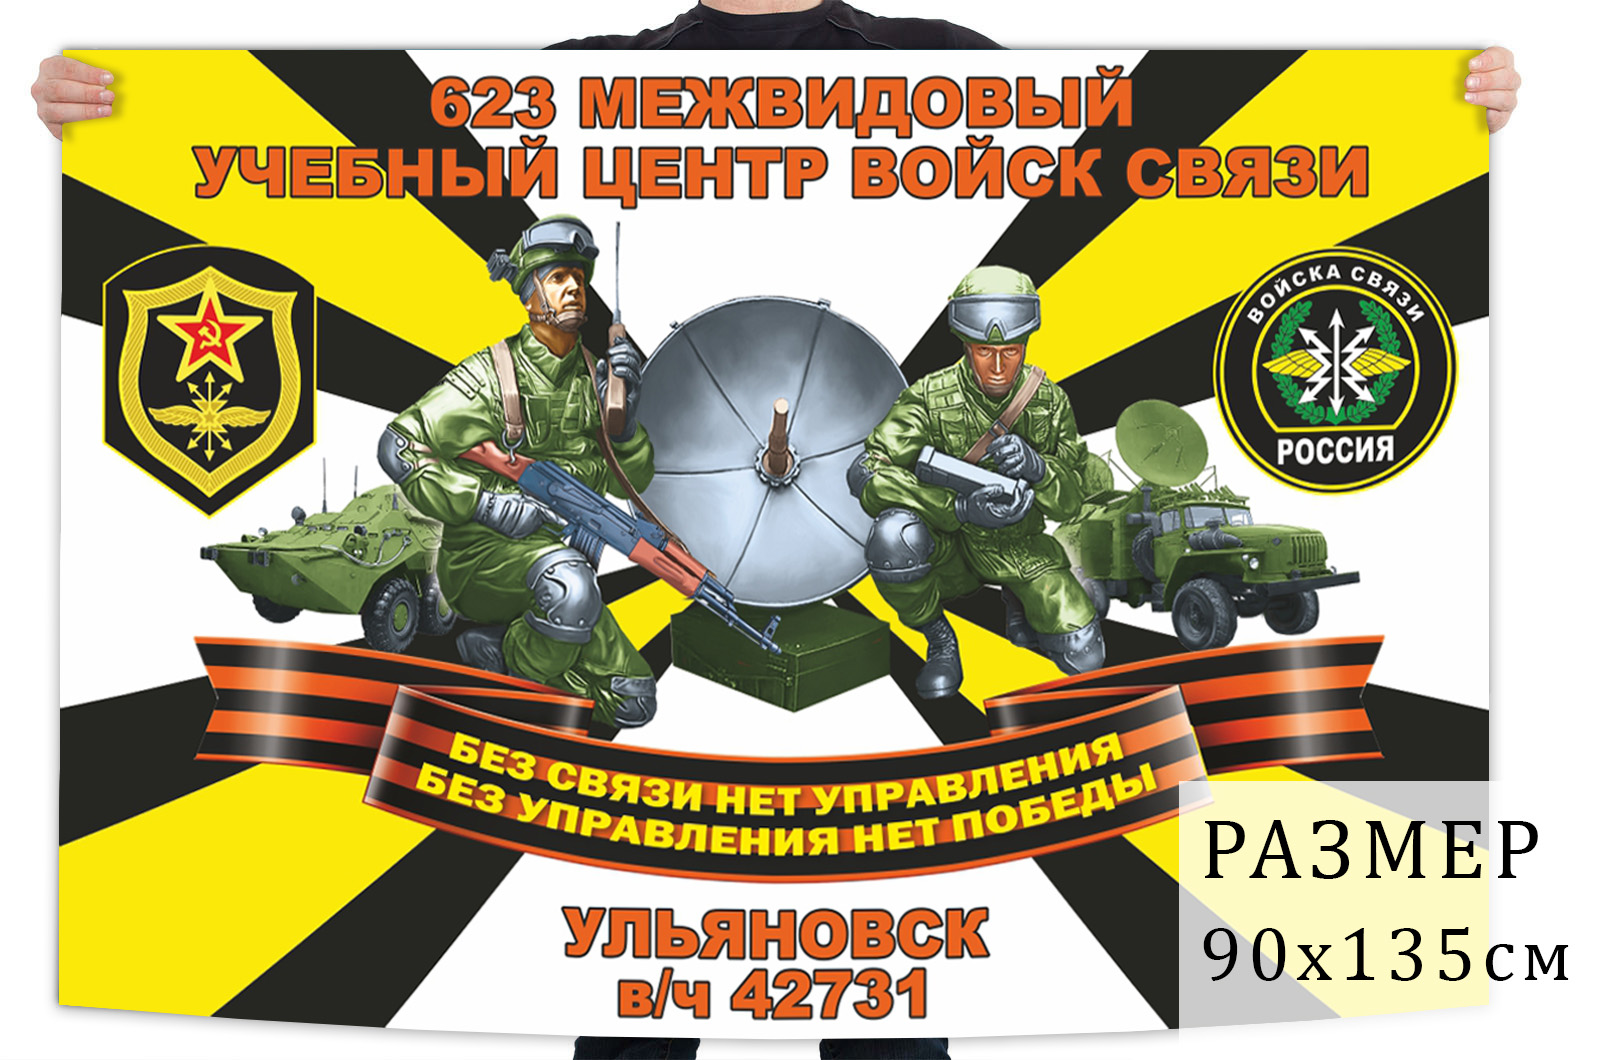 Флаг 623 межвидового учебного центра войск связи